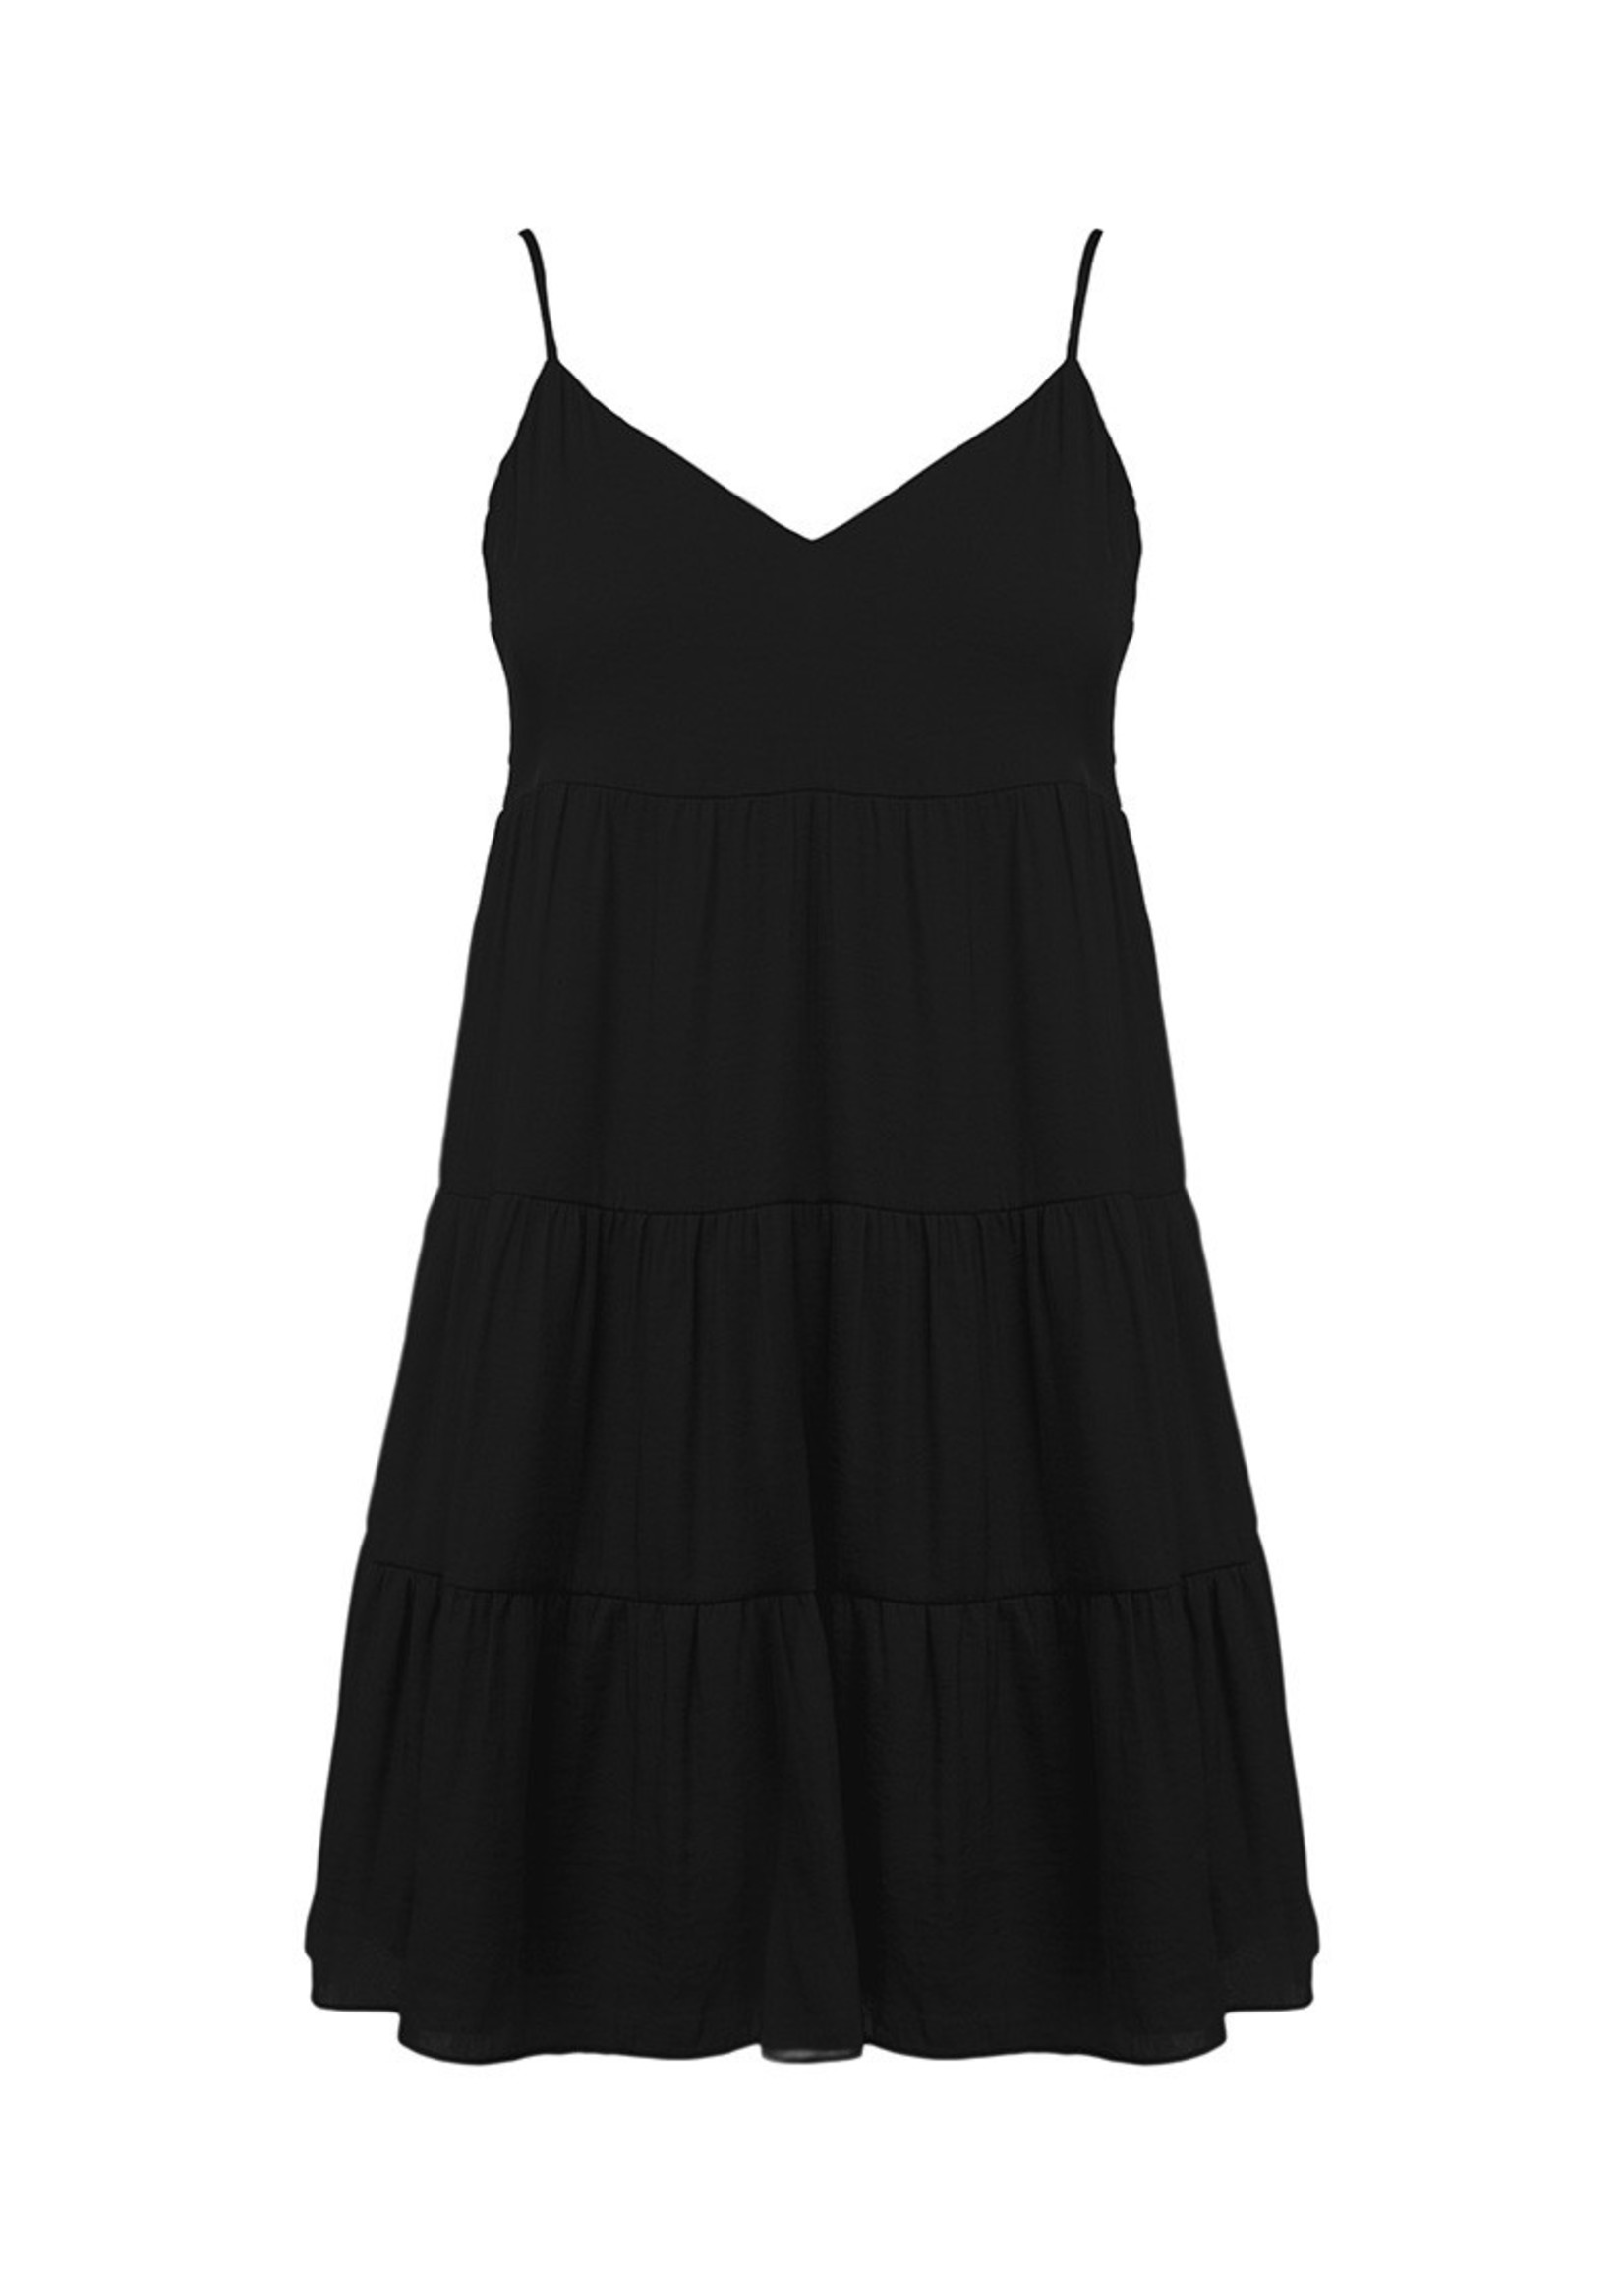 Midi Flare Tiered Dress - Black